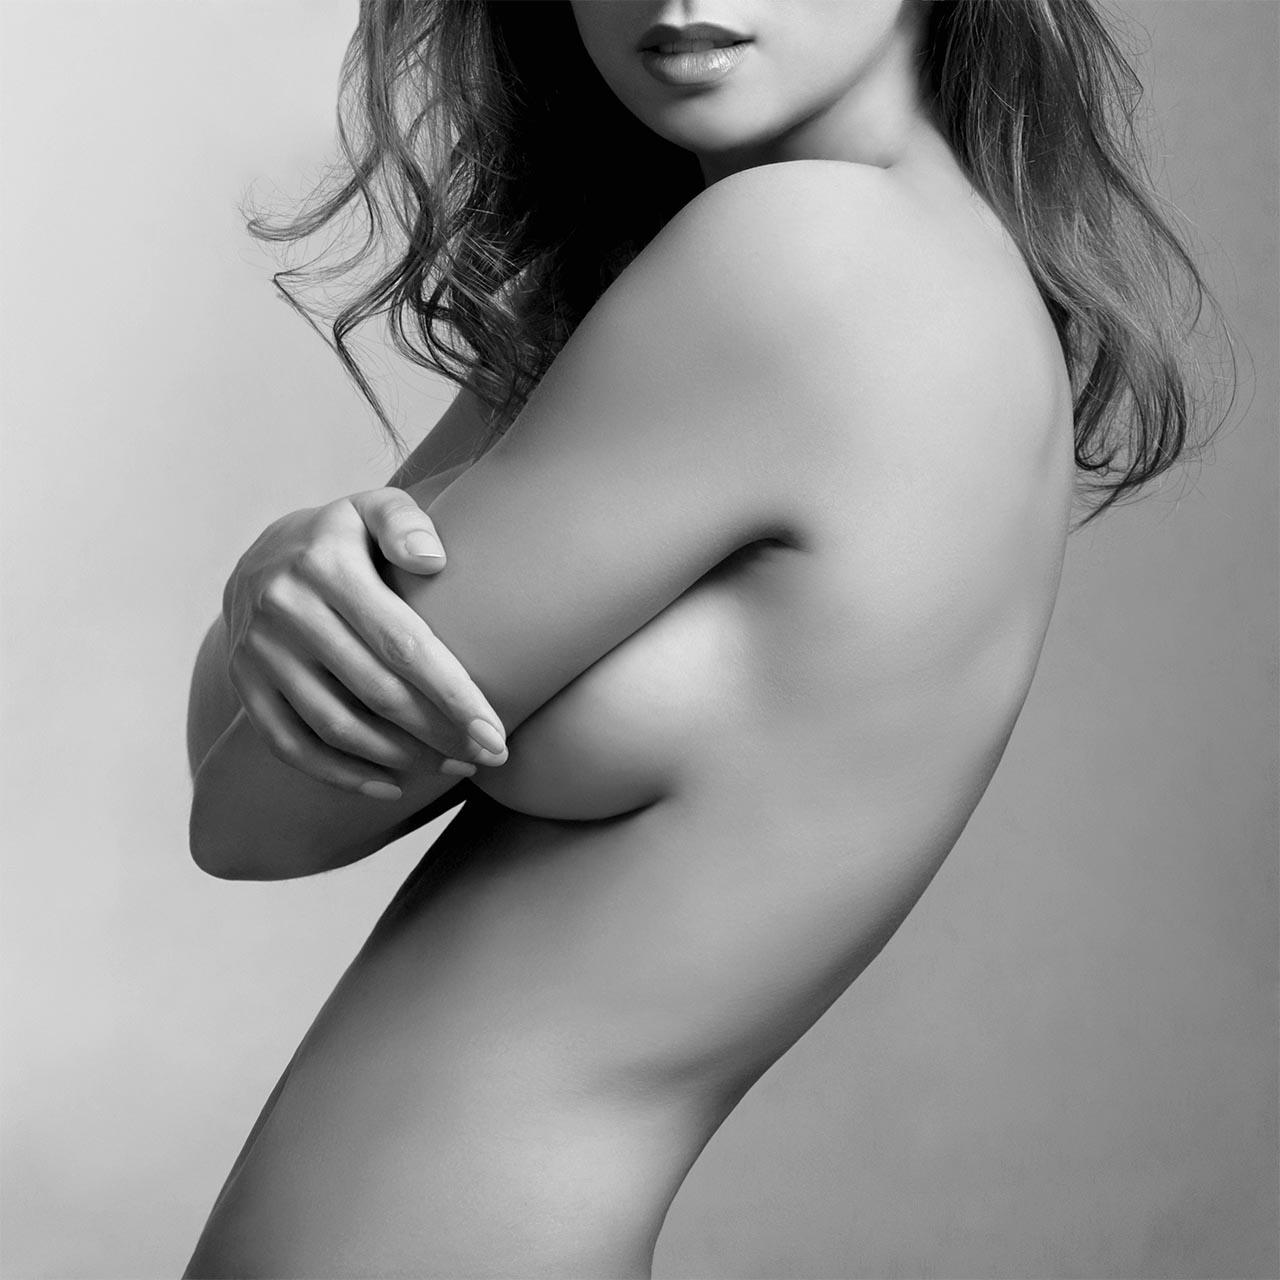 バストがきれいな女性